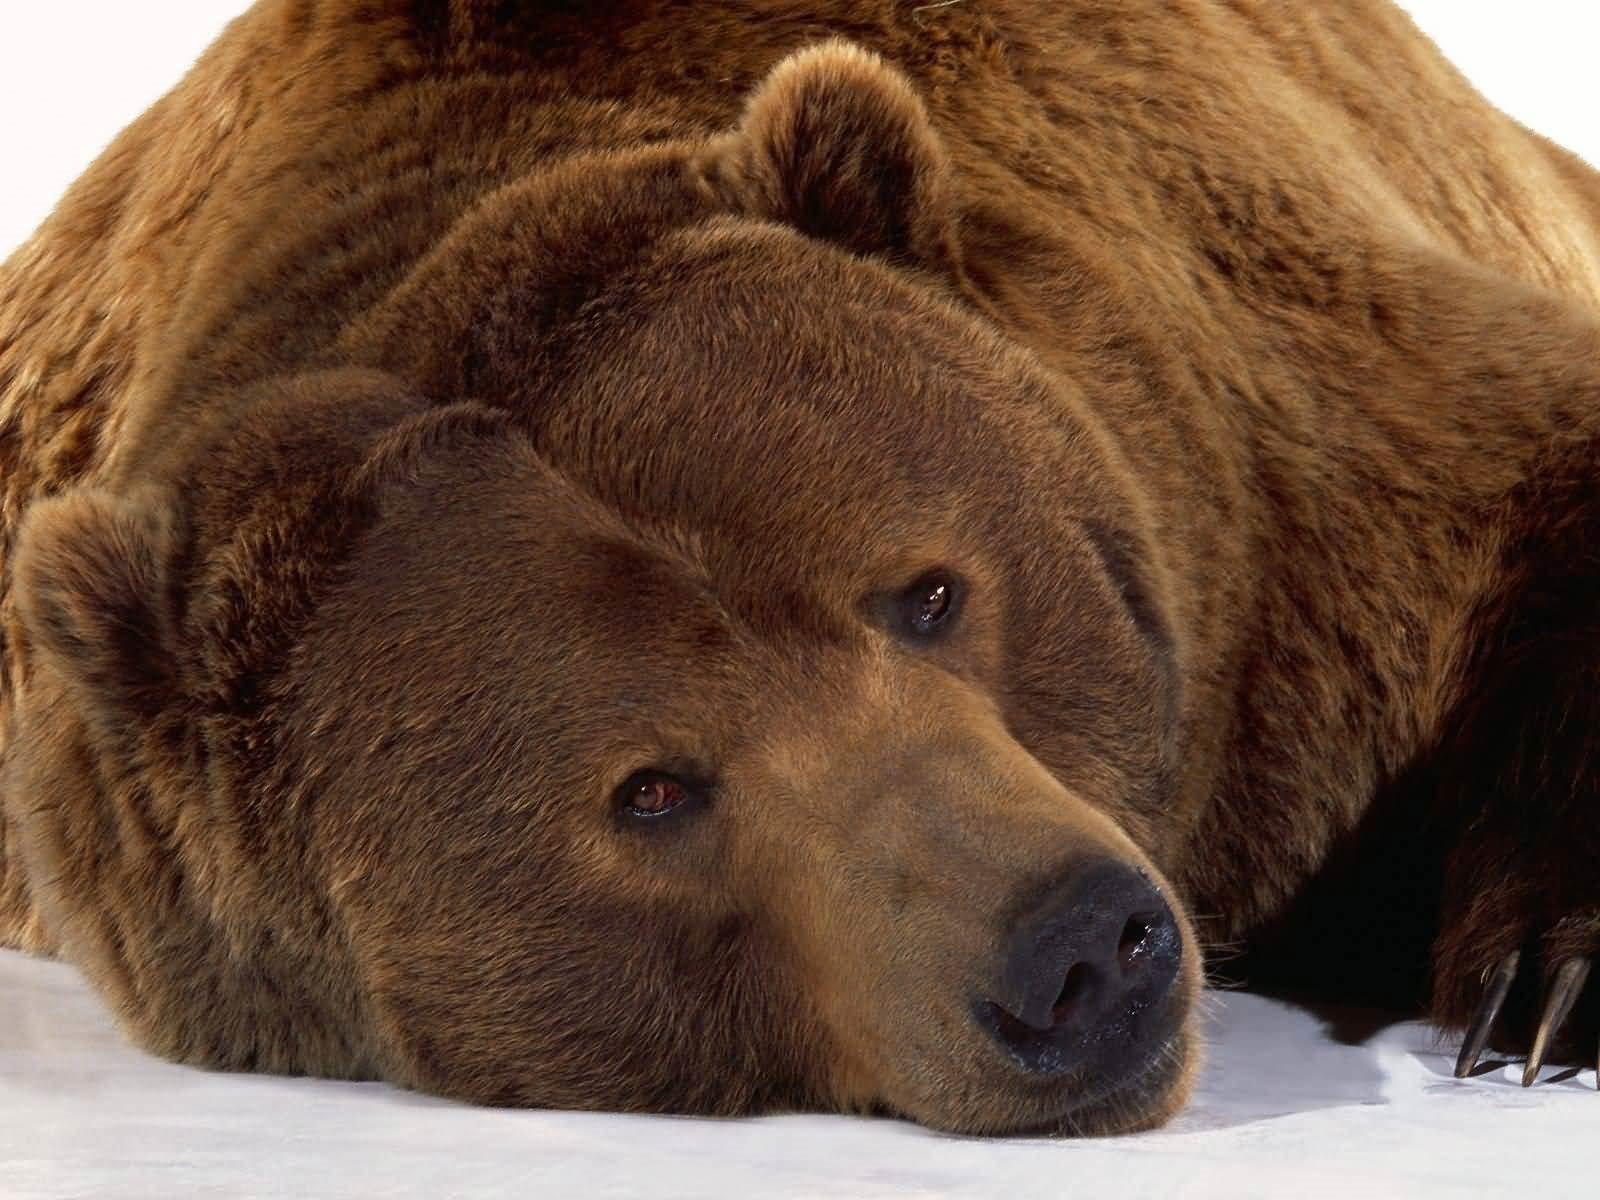 Bear widescreen for desktop